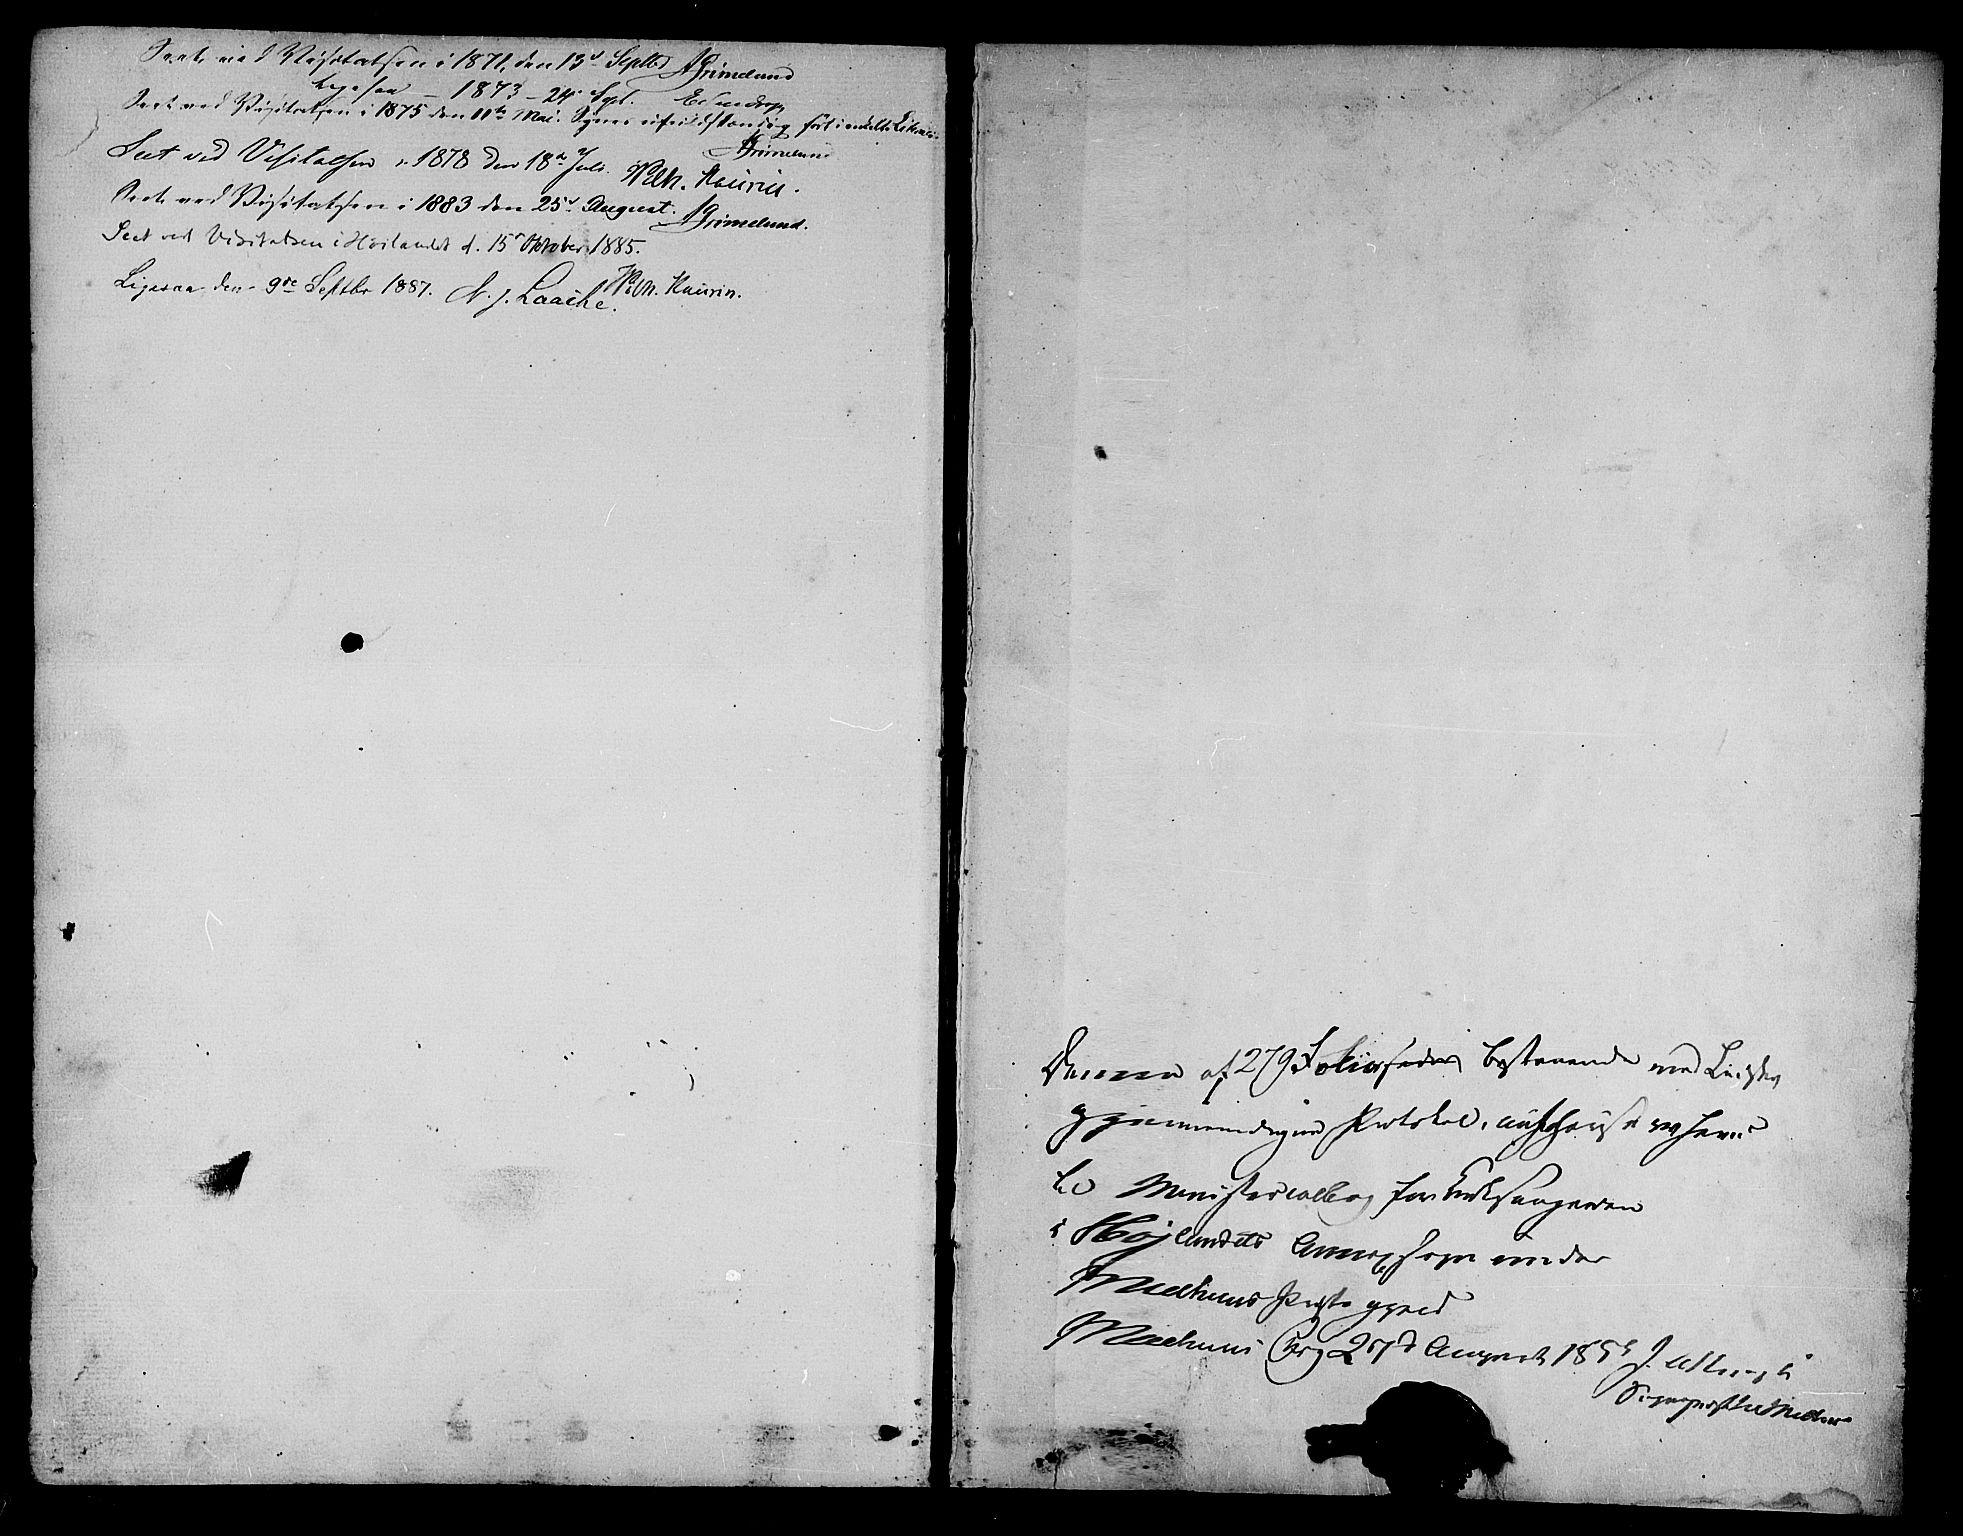 SAT, Ministerialprotokoller, klokkerbøker og fødselsregistre - Sør-Trøndelag, 694/L1131: Klokkerbok nr. 694C03, 1858-1886